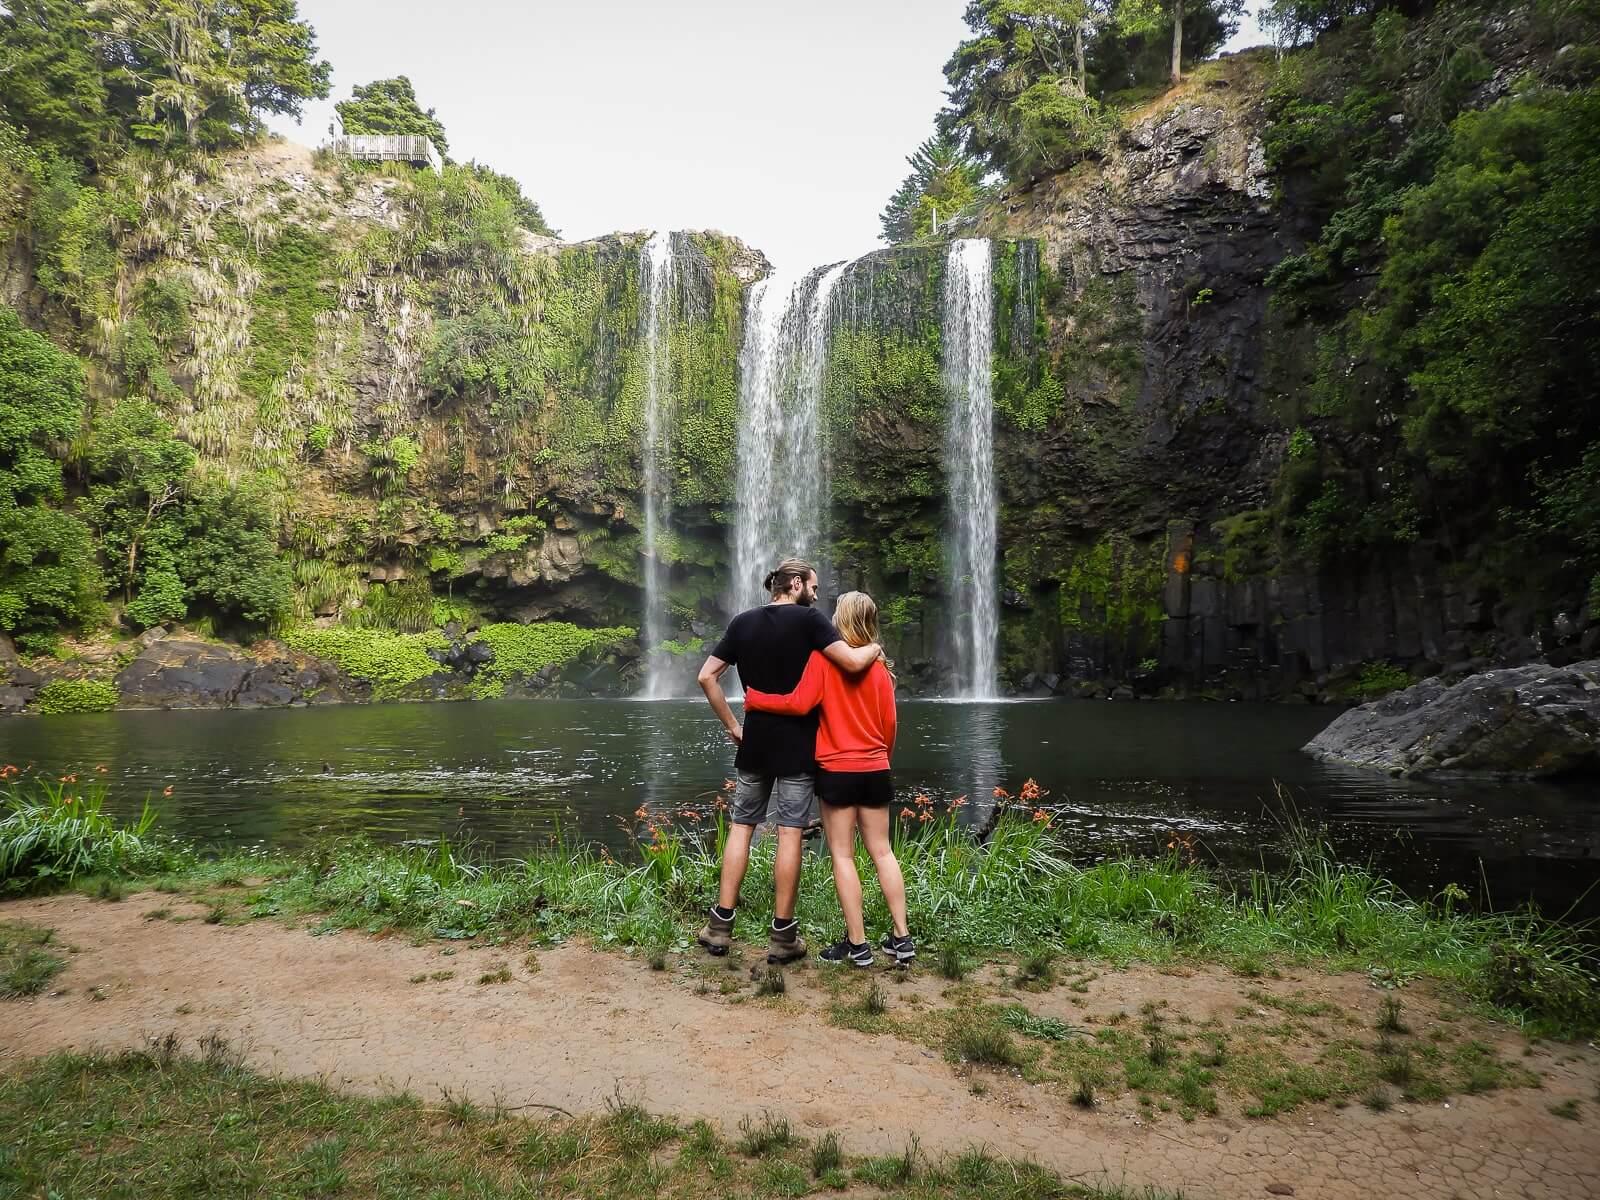 Bezienswaardigheden Noordereiland Nieuw-Zeeland: Whangarei Falls